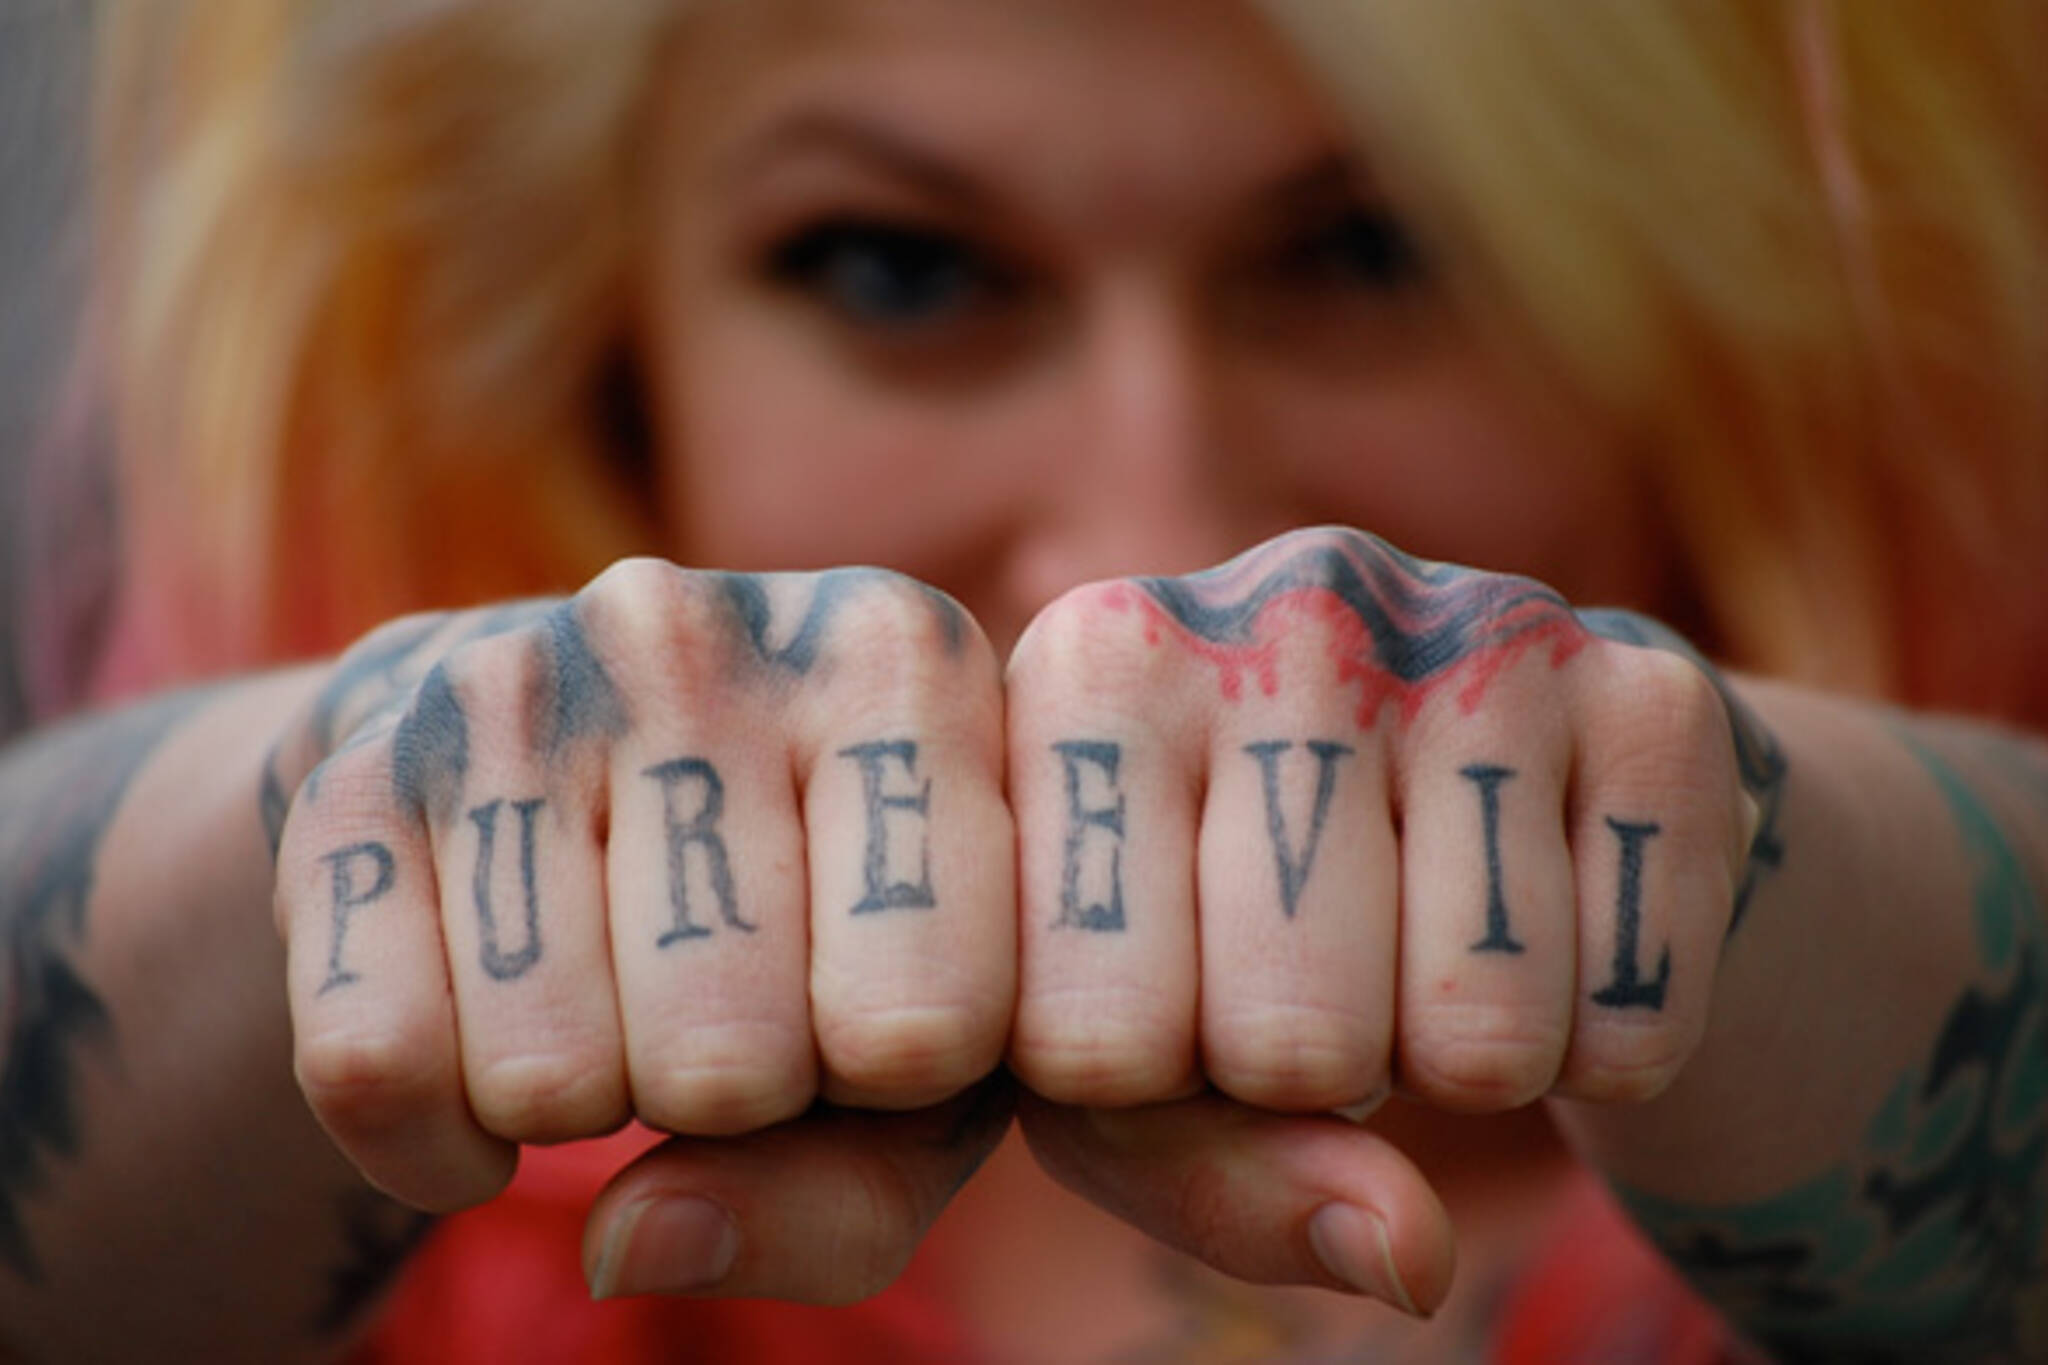 Jovanka Pure Evil